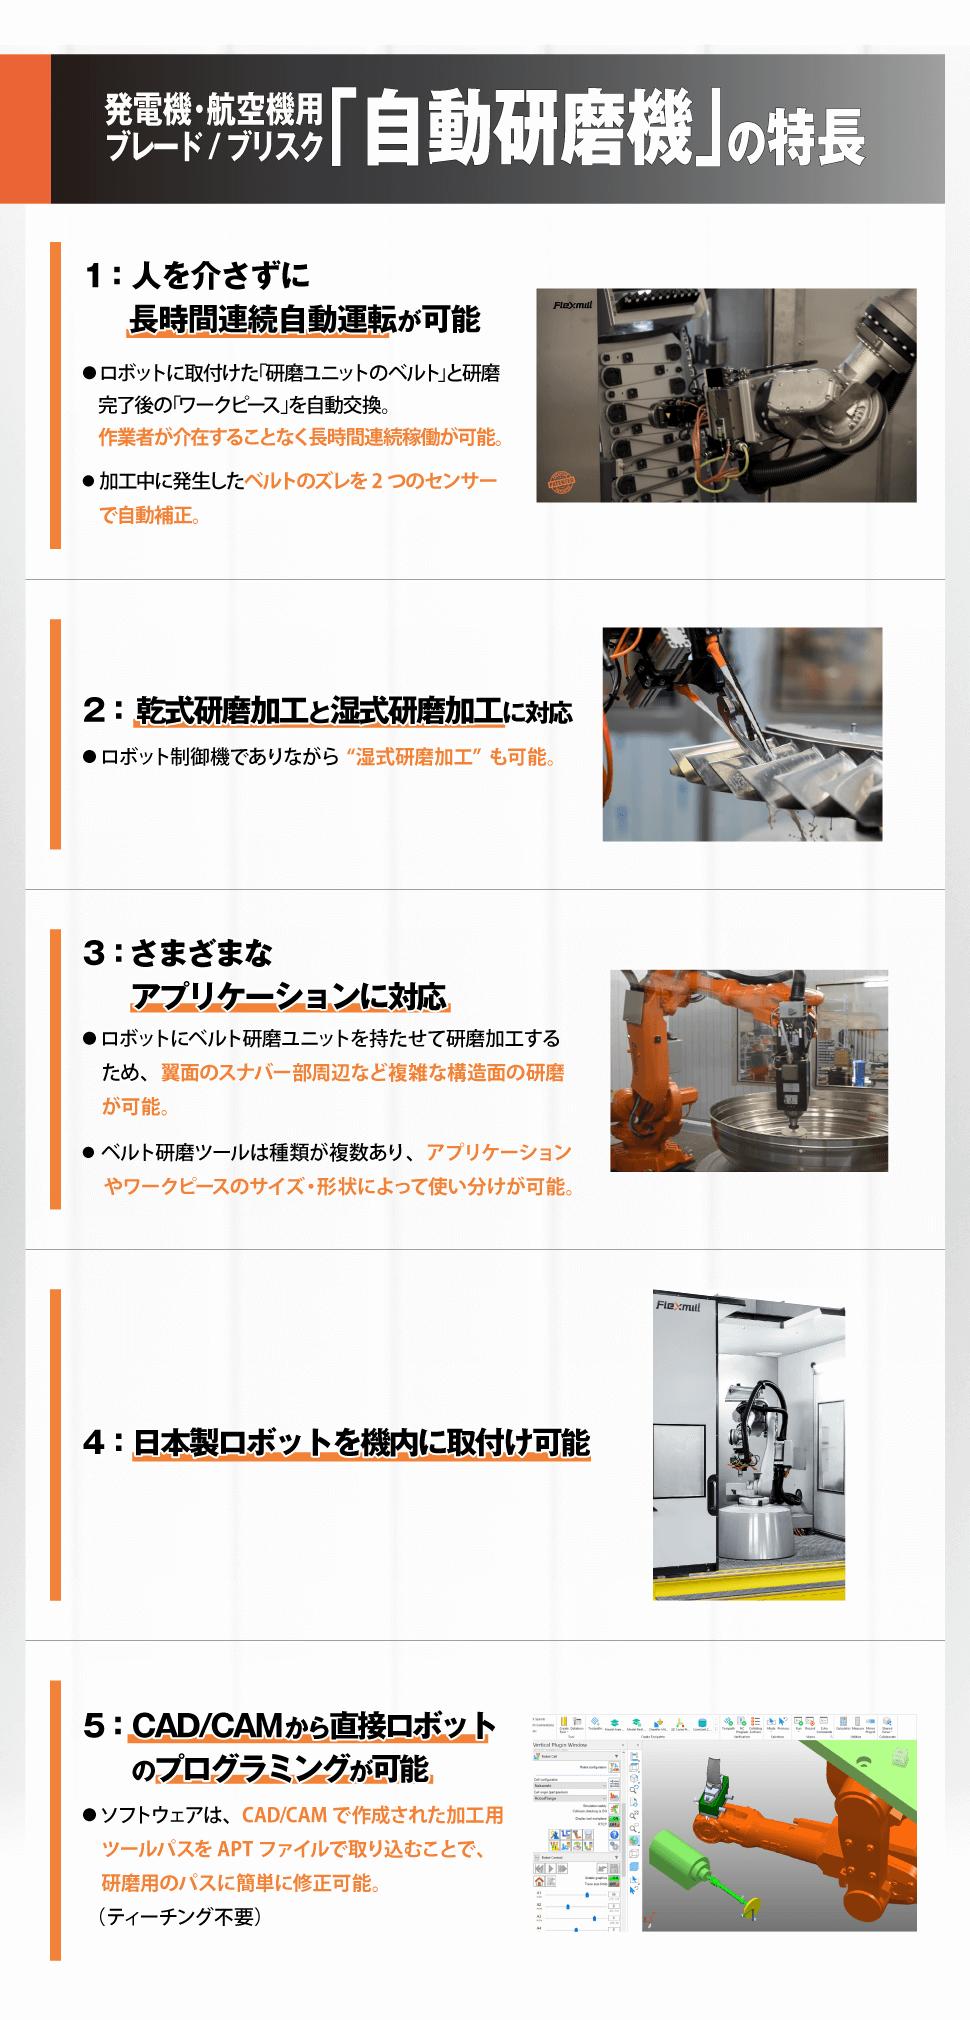 発電機・航空機用 ブレード/ブリスク 「自動研磨機」の特⻑ 1:人を介さずに⻑時間連続自動運転が可能 2:乾式研磨加工と湿式研磨加工に対応 3:さまざまなアプリケーションに対応 4:日本製ロボットを機内に取付け可能 5:CAD/CAMから直接ロボットのプログラミングが可能